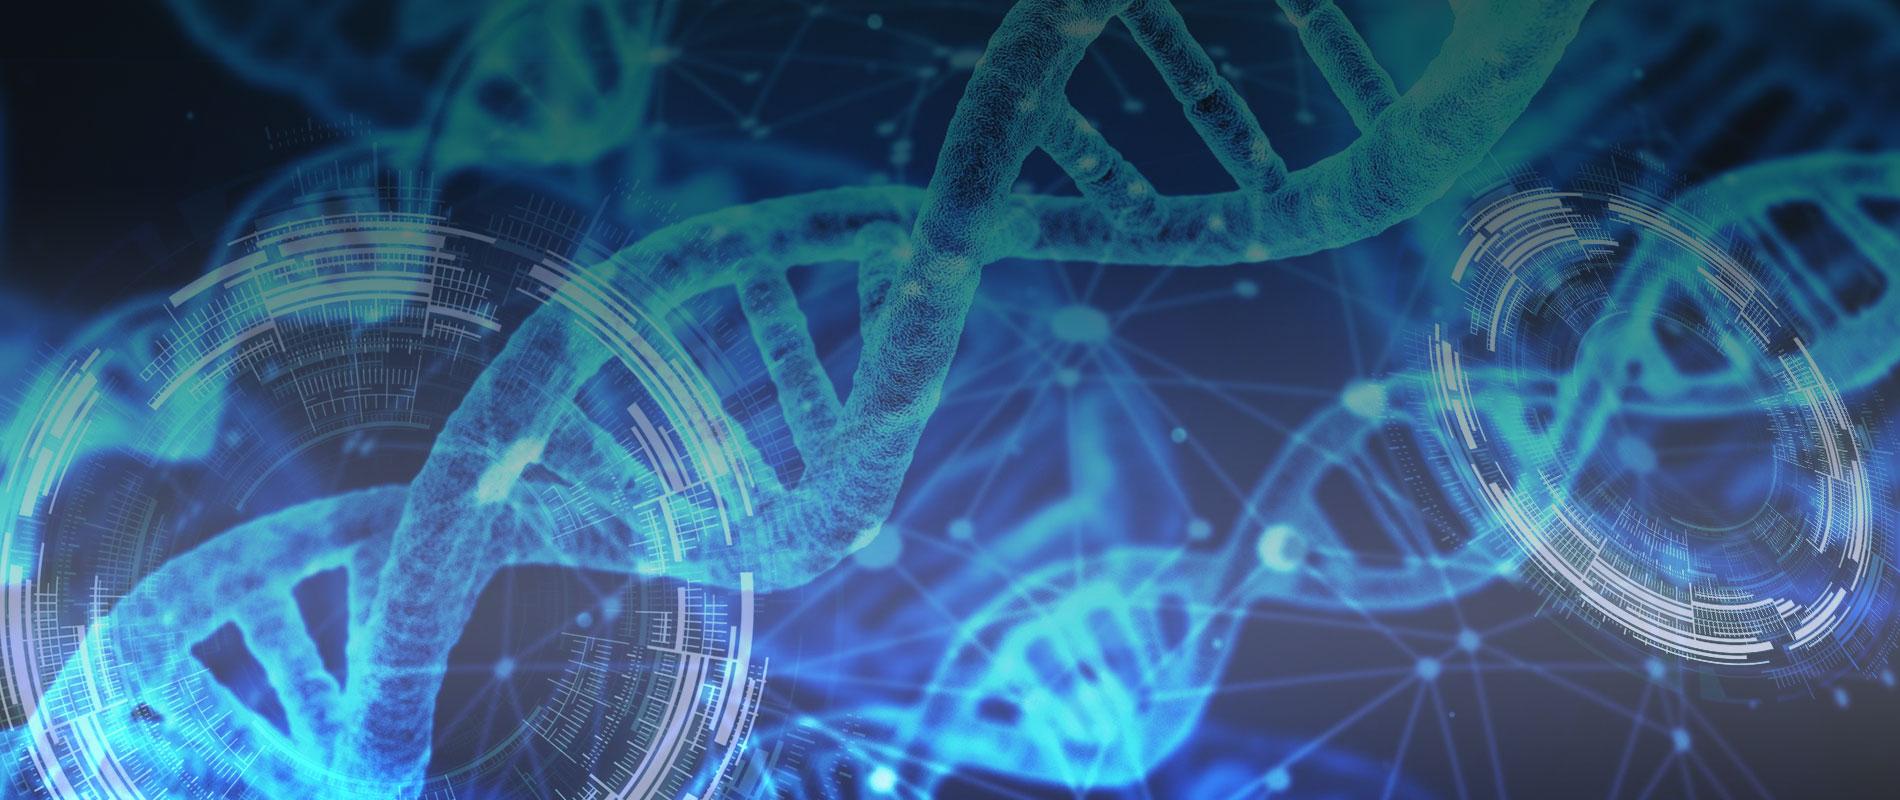 ライフテック Providing cutting edge technology - 最先端をこれからも 理化学機器・食品検査・バイオ・再生医療 ・創薬・医療のパイオニア